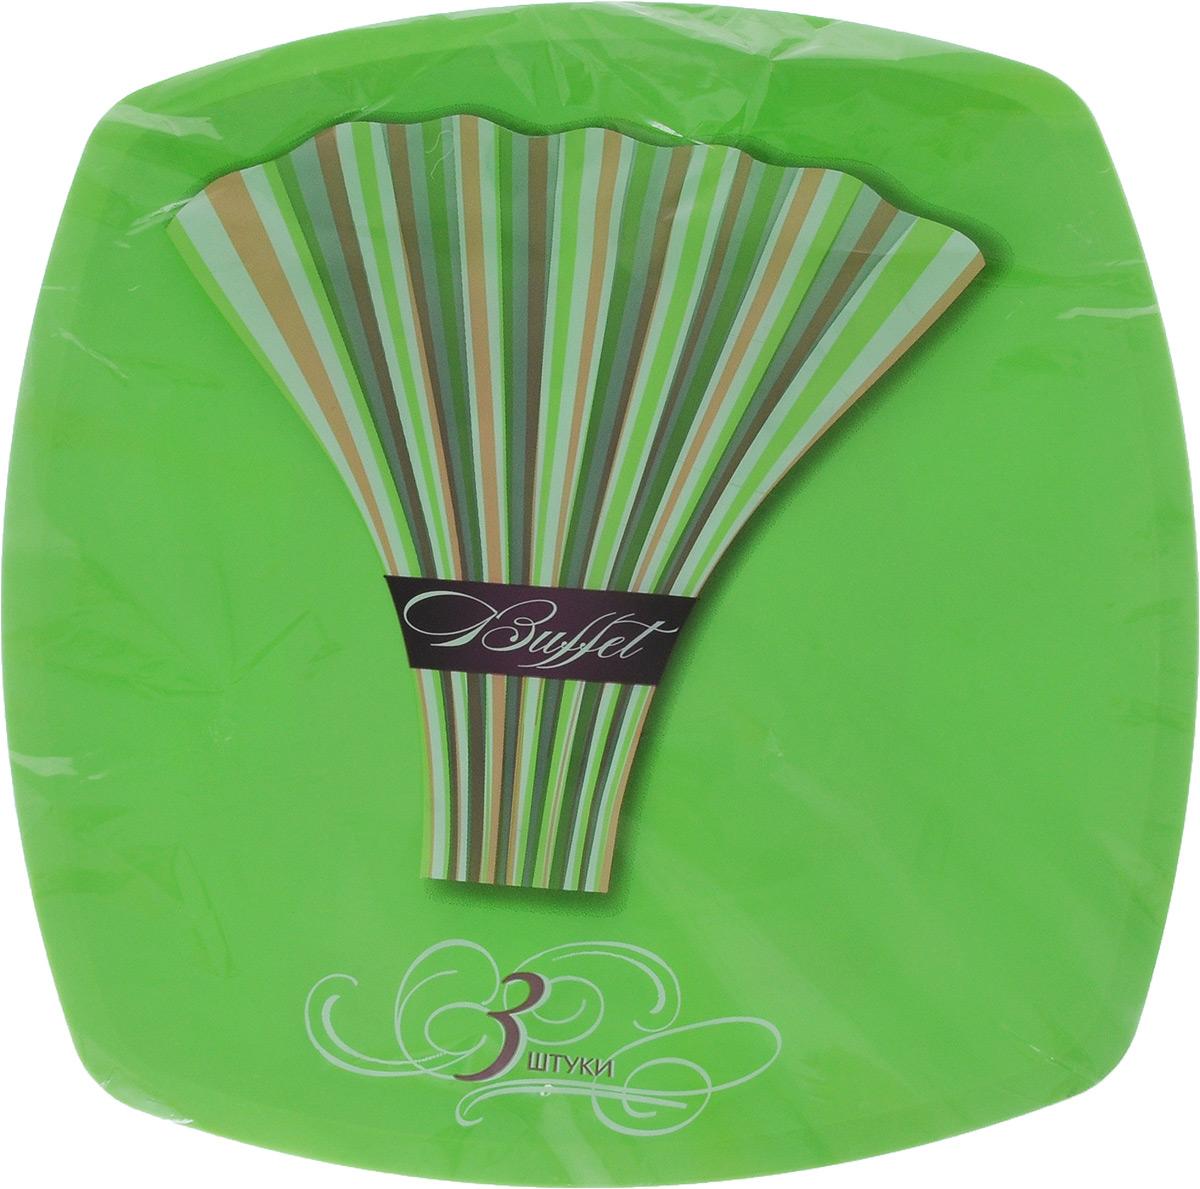 Набор одноразовых тарелок Buffet, цвет: зеленый, 30 х 30 см, 3 шт183230я/_красныйНабор Buffet состоит из трех тарелок. Изделия, изготовленные из высококачественной полипропилена, сочетают в себе изысканный дизайн с максимальной функциональностью. Тарелки предназначены для холодных и горячих (до +70°С) продуктов. Такие тарелки незаменимы в поездках на природу и на пикниках.Размер тарелки: 30 х 30 см.Высота стенки: 1 см.